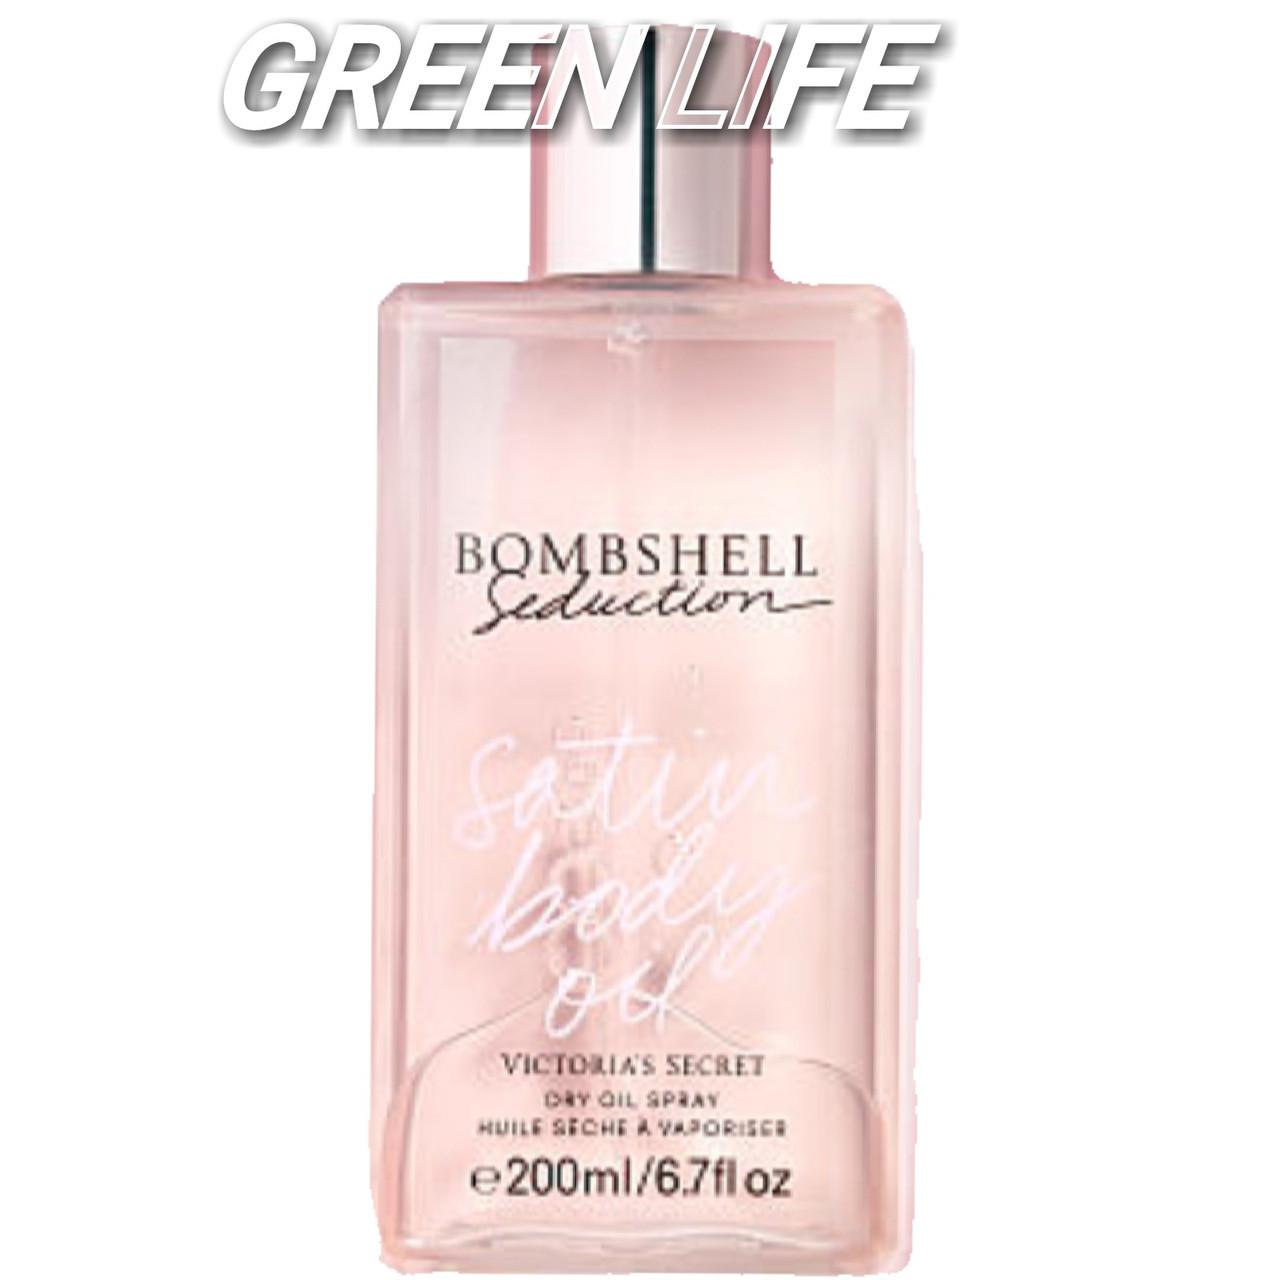 Сухой масляный парфюмированный спрей  для тела BOMBSHELL CEDUCTION BODY OIL Victoria's Secret